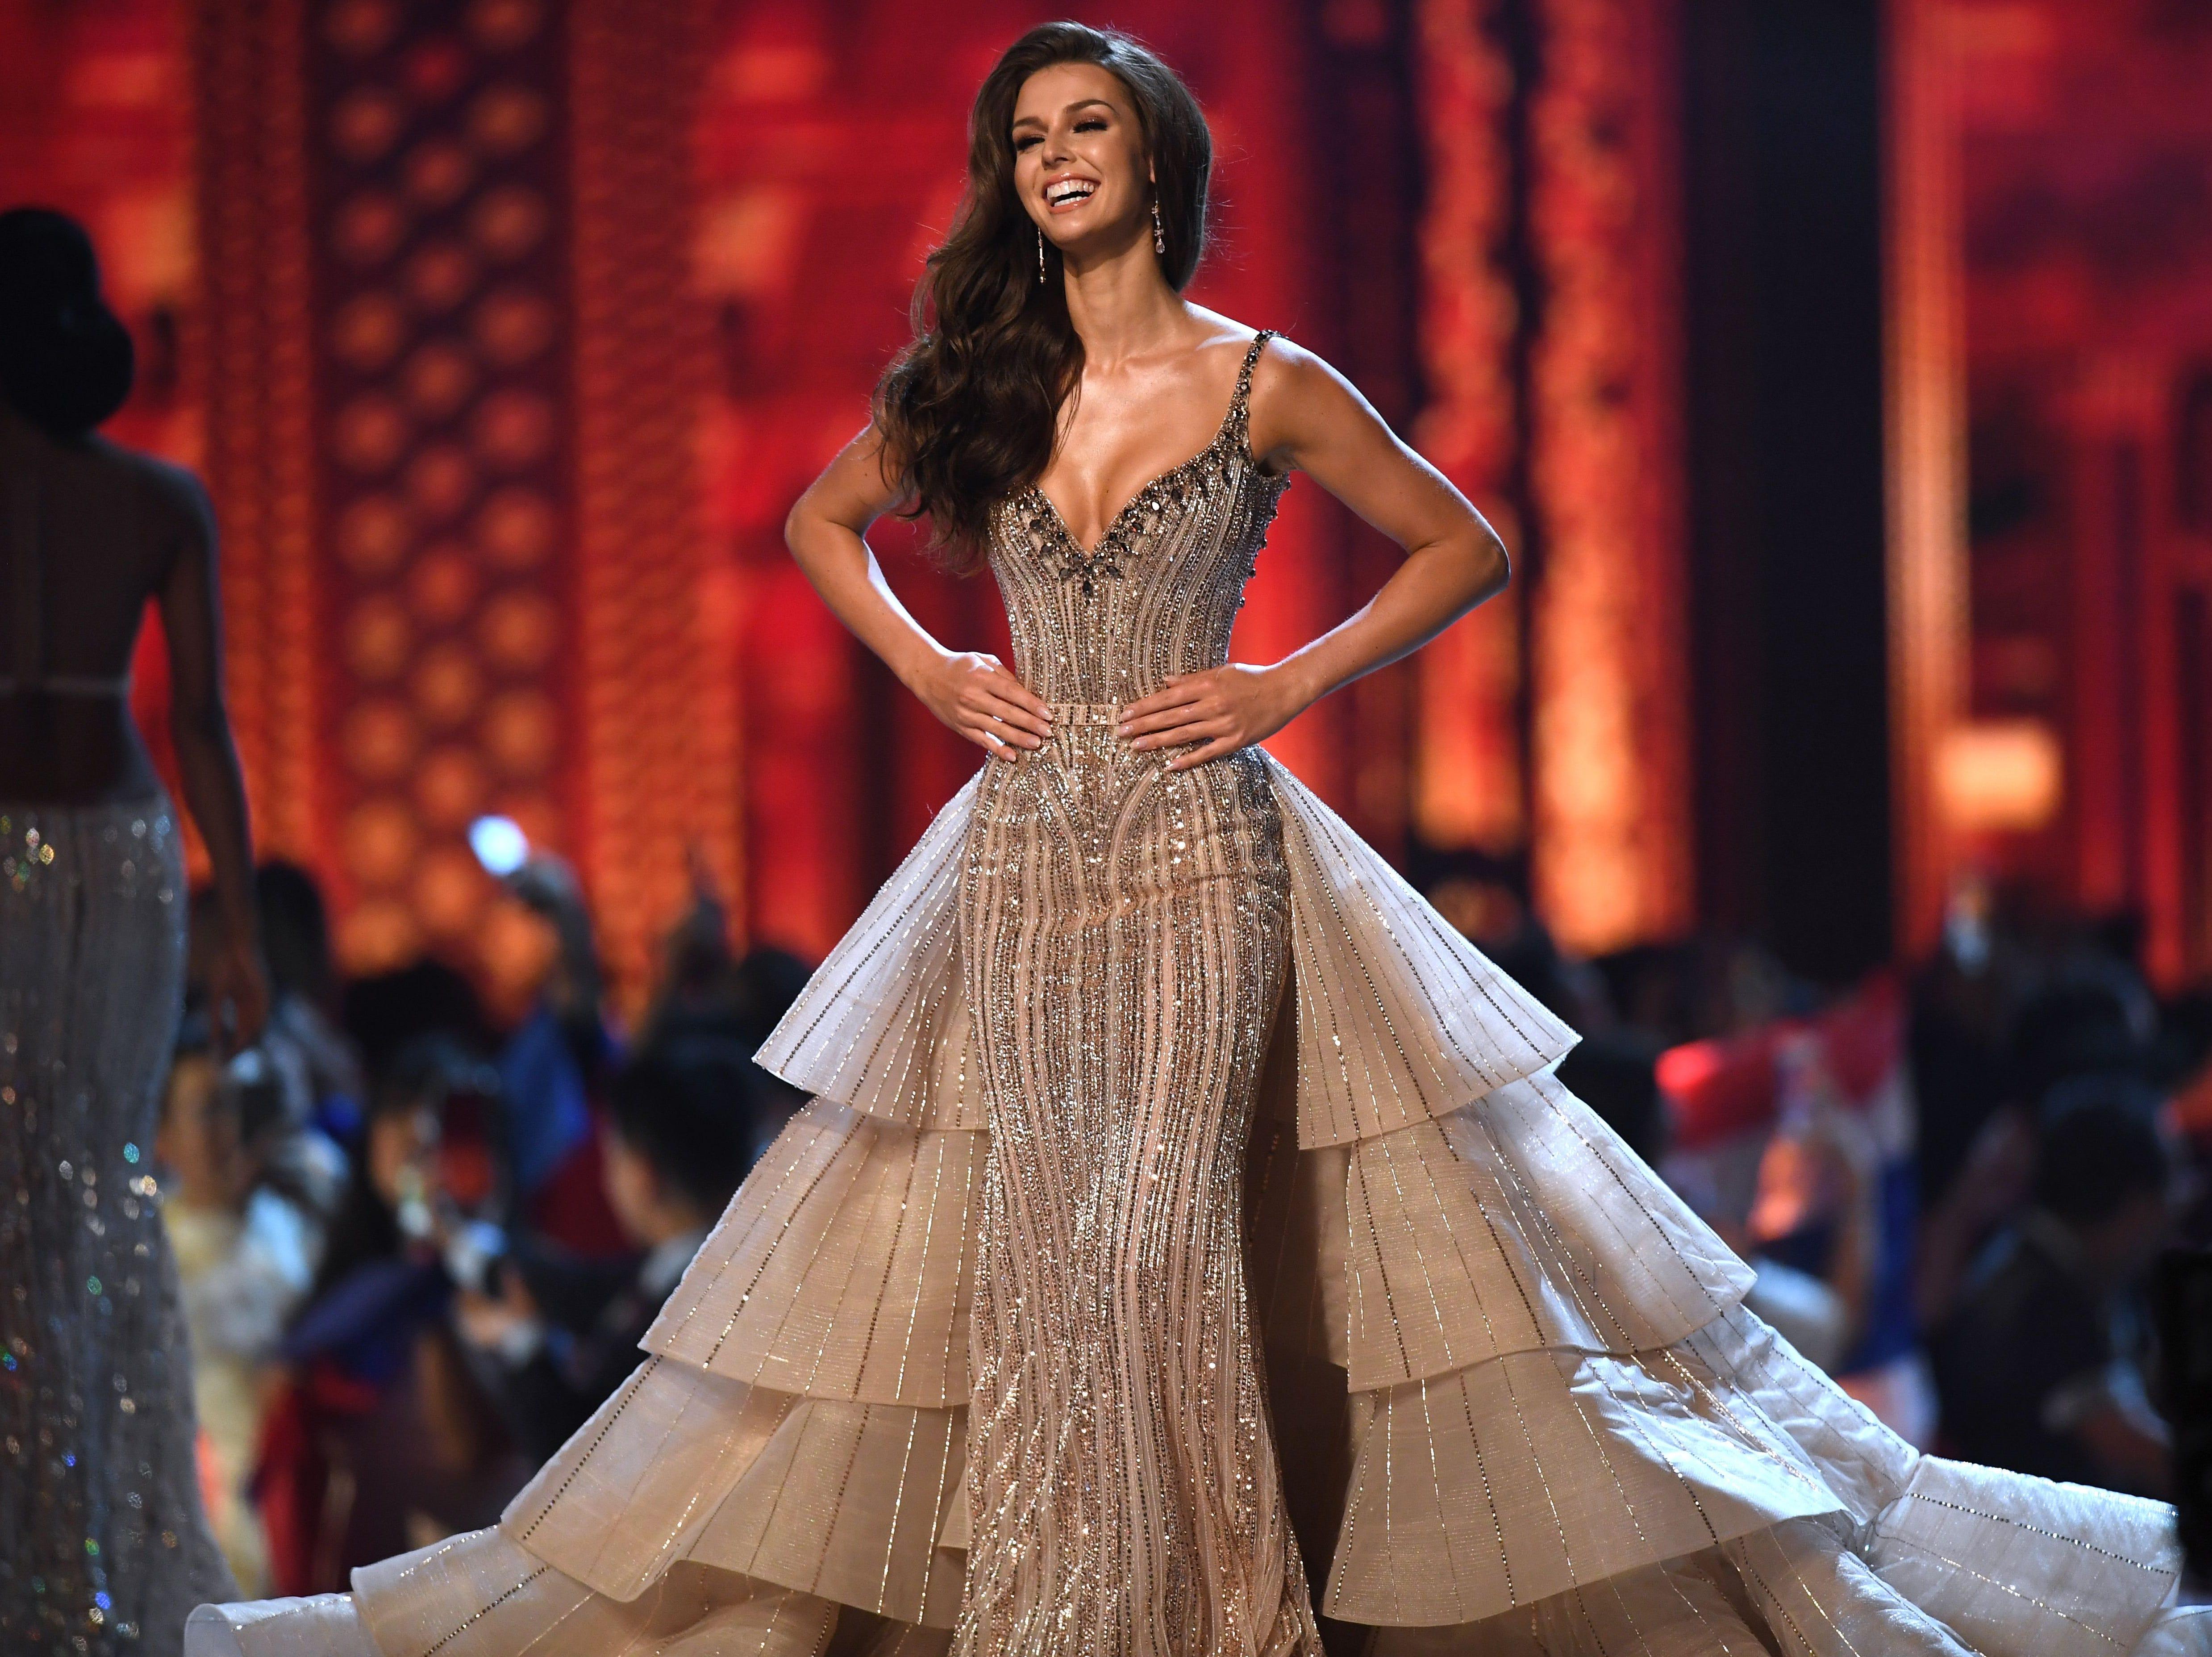 Marta Stepien de Canadá en la pasarela luego de ser seleccionada como las 10 mejores finalistas durante el concurso Miss Universo 2018 en Bangkok el 17 de diciembre de 2018.